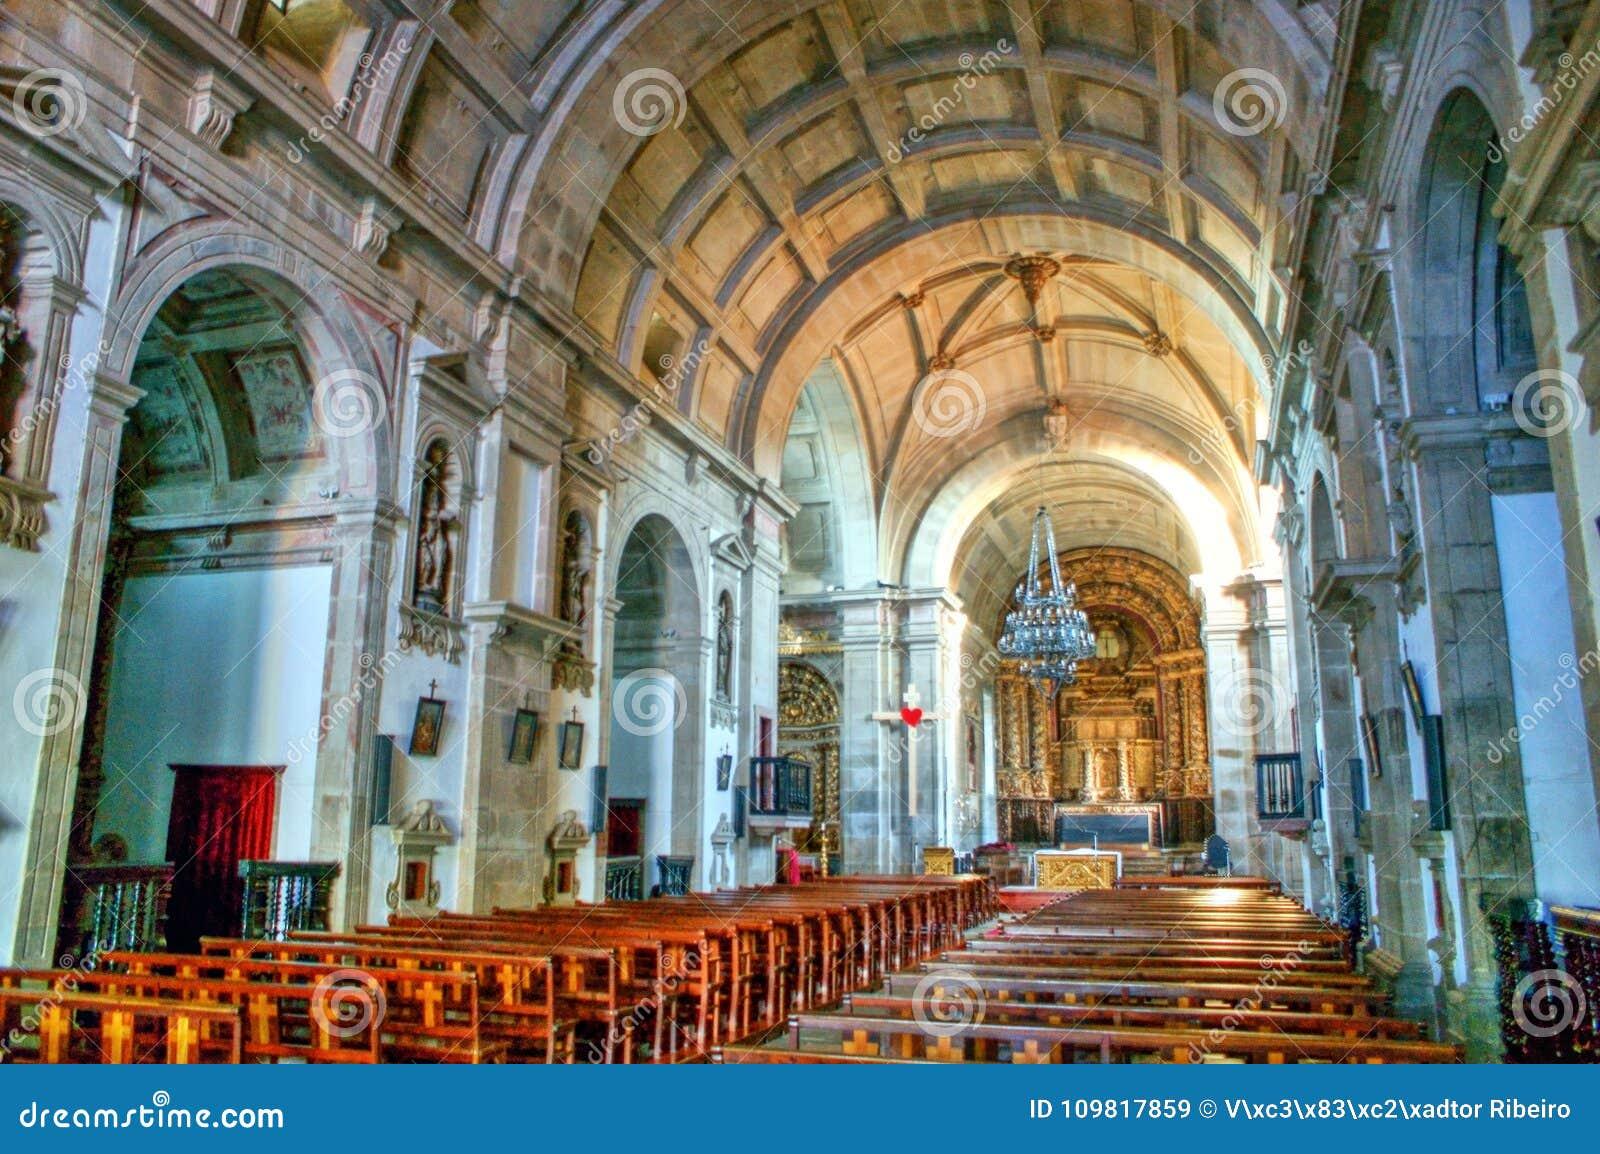 Church of Loios